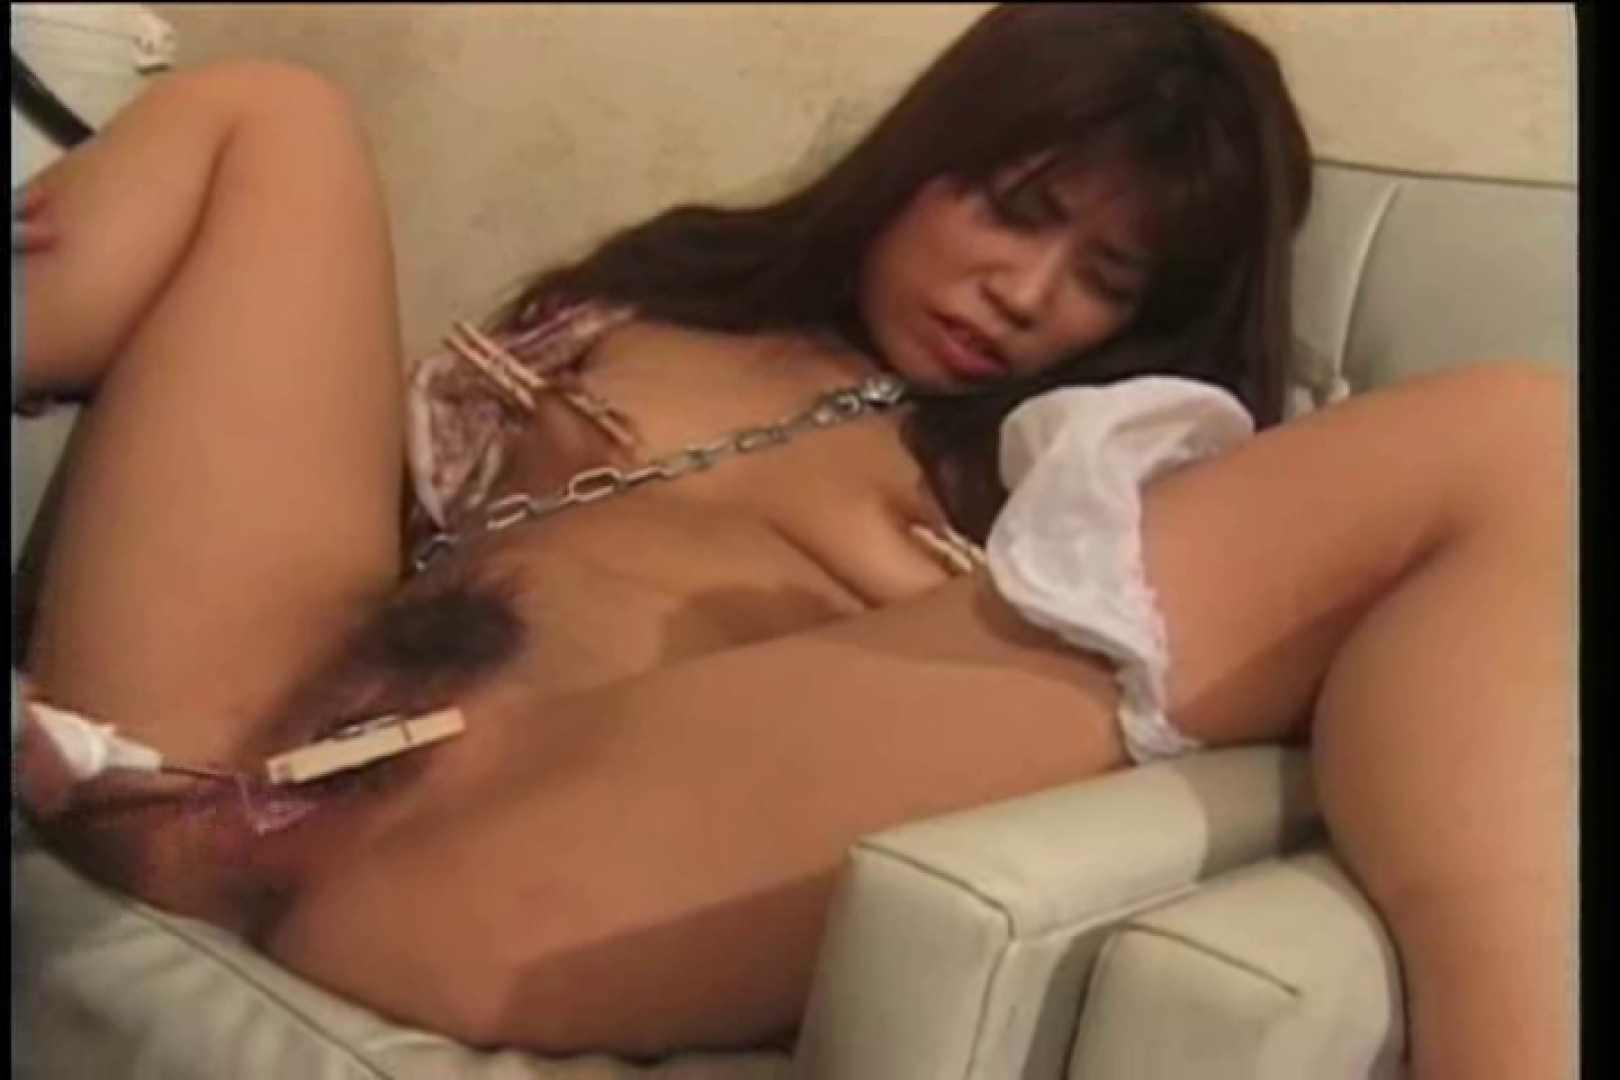 素人嬢126人のハメ撮り 長嶋美樹 マンコ 女性器鑑賞 107枚